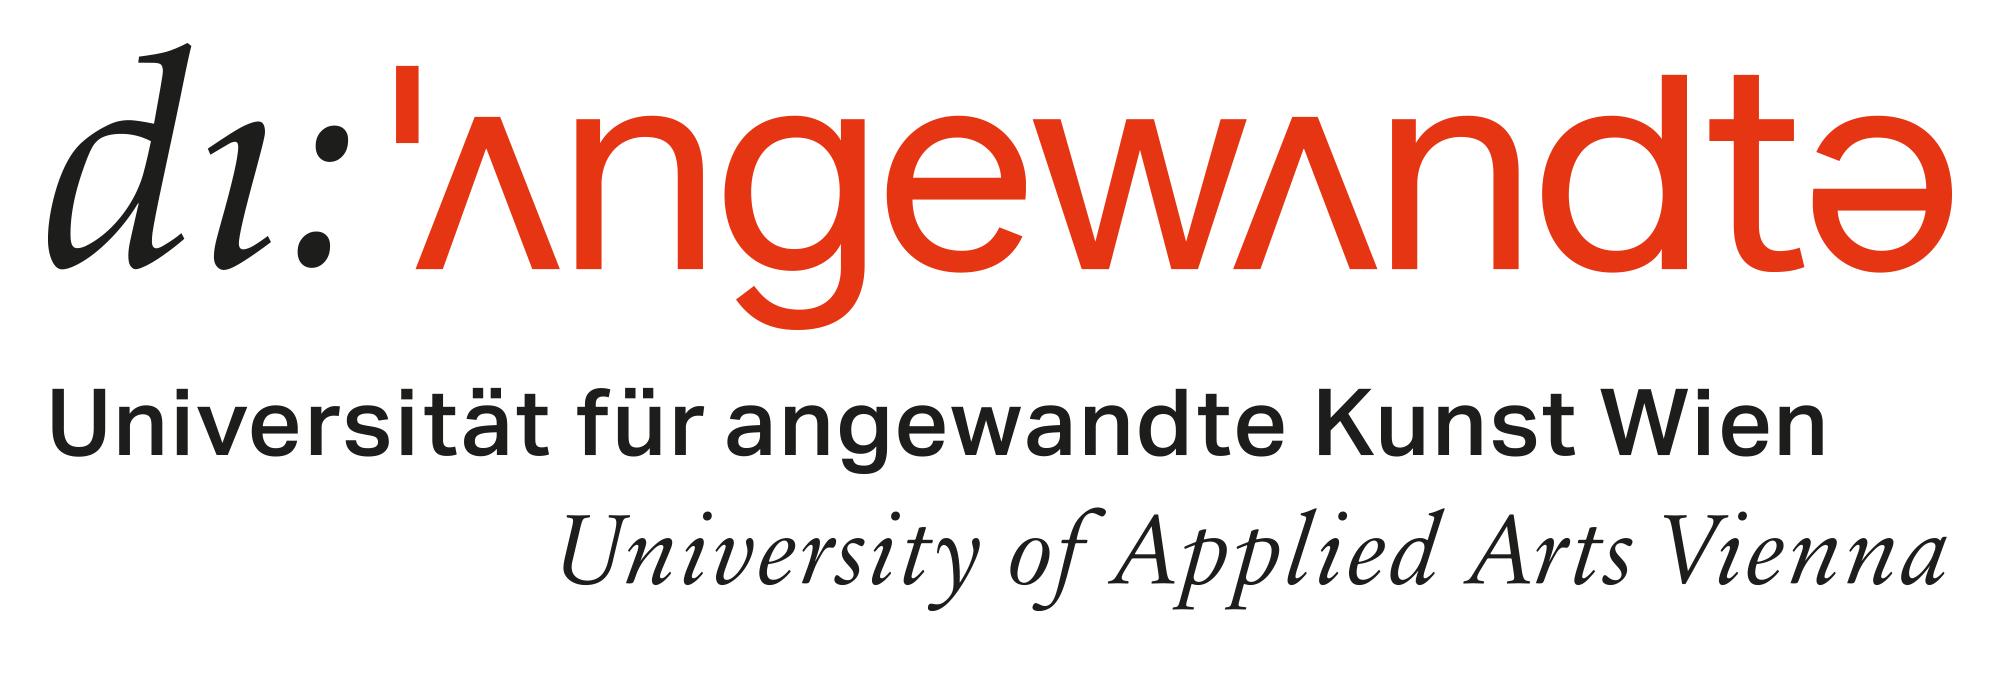 logo  - Universität für angewandte Kunst Wien